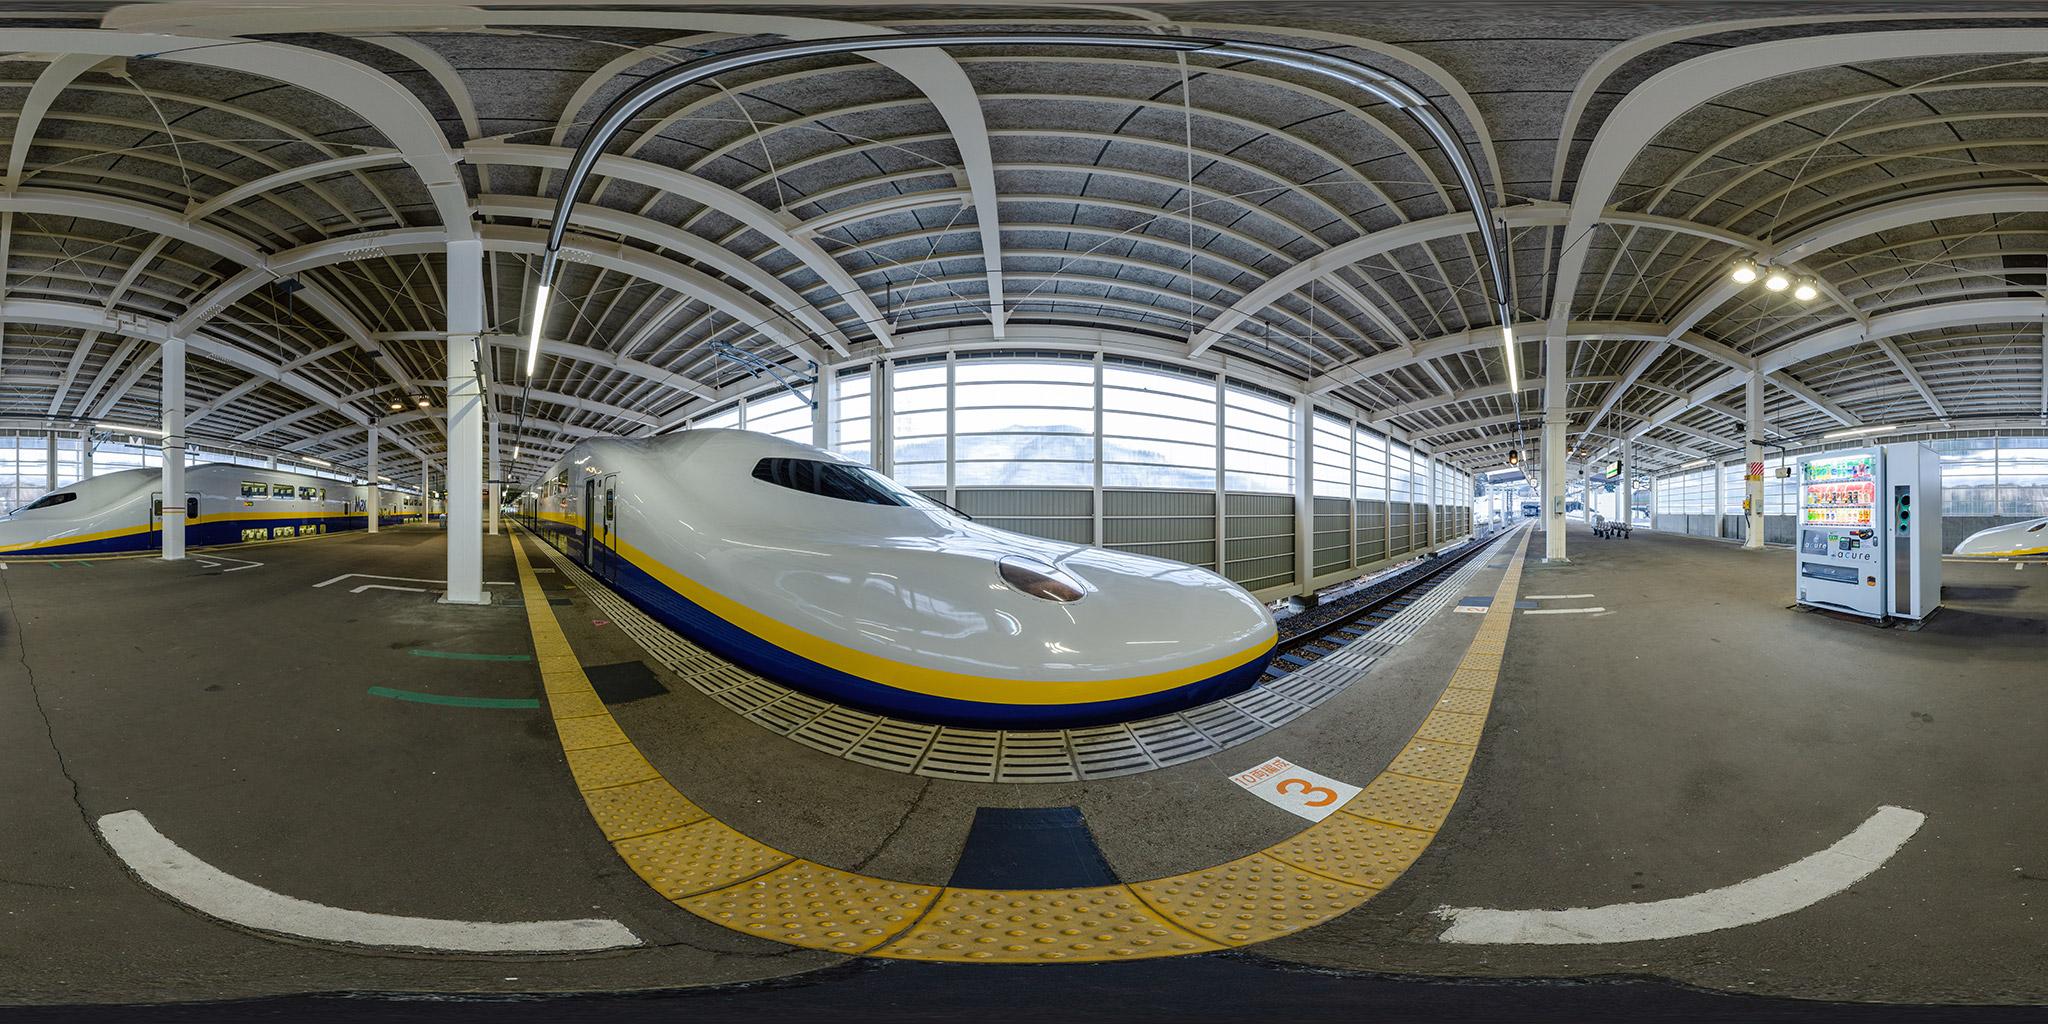 ガーラ湯沢駅で並ぶE4系Maxたにがわ号